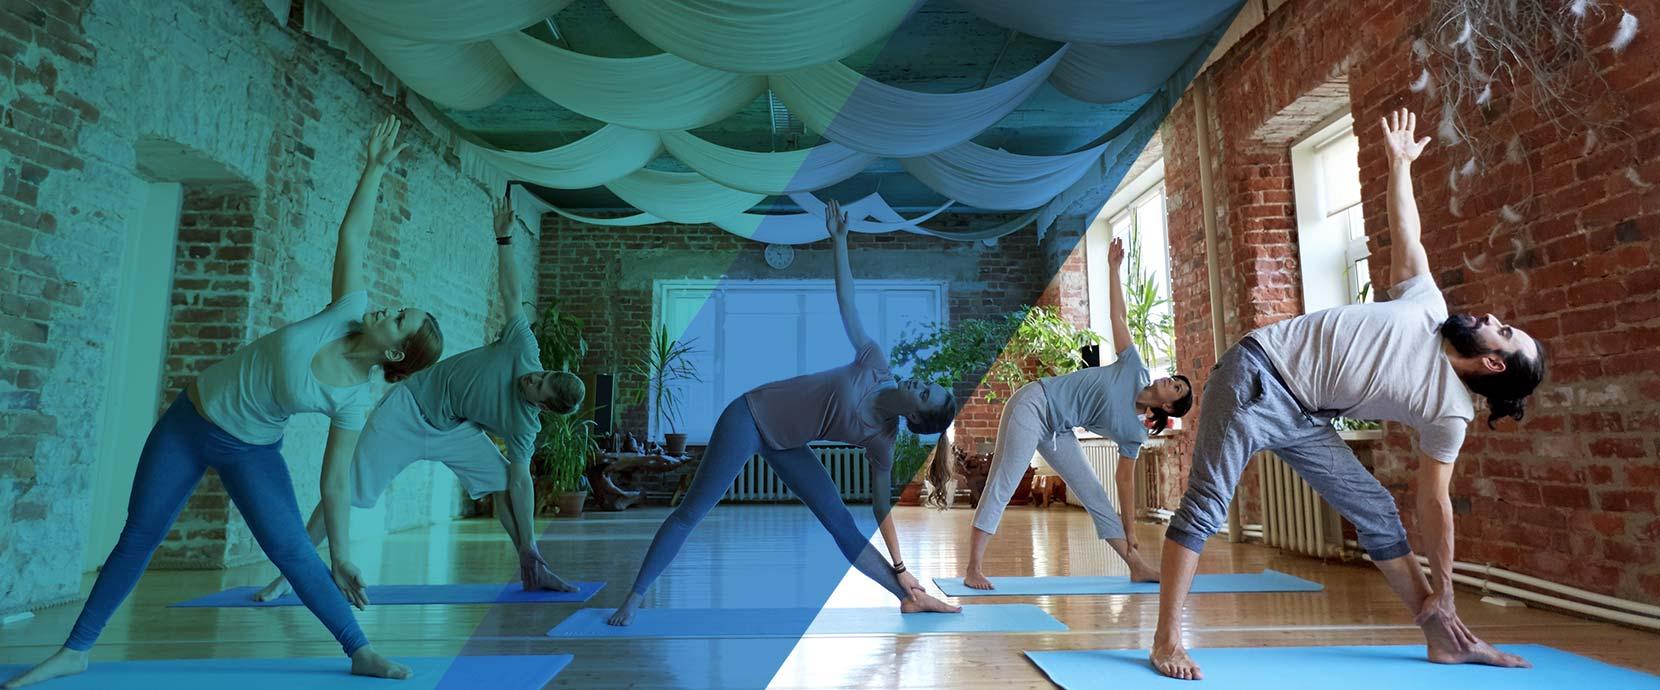 Soluția completă pentru studioul tău de yoga